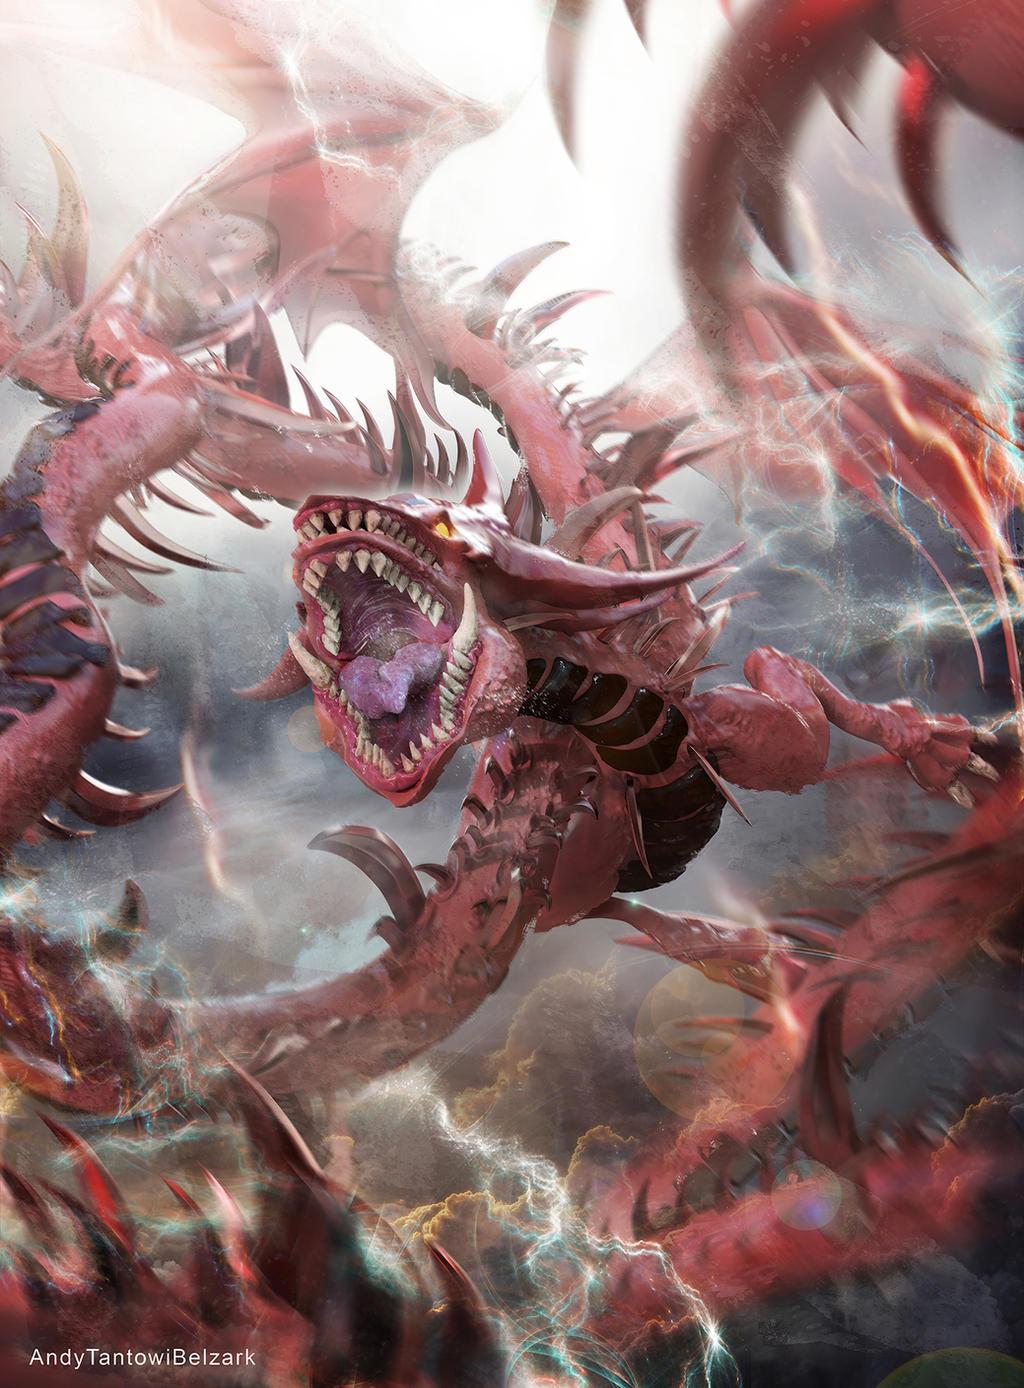 slifer_the_sky_dragon_by_andytantowibelz